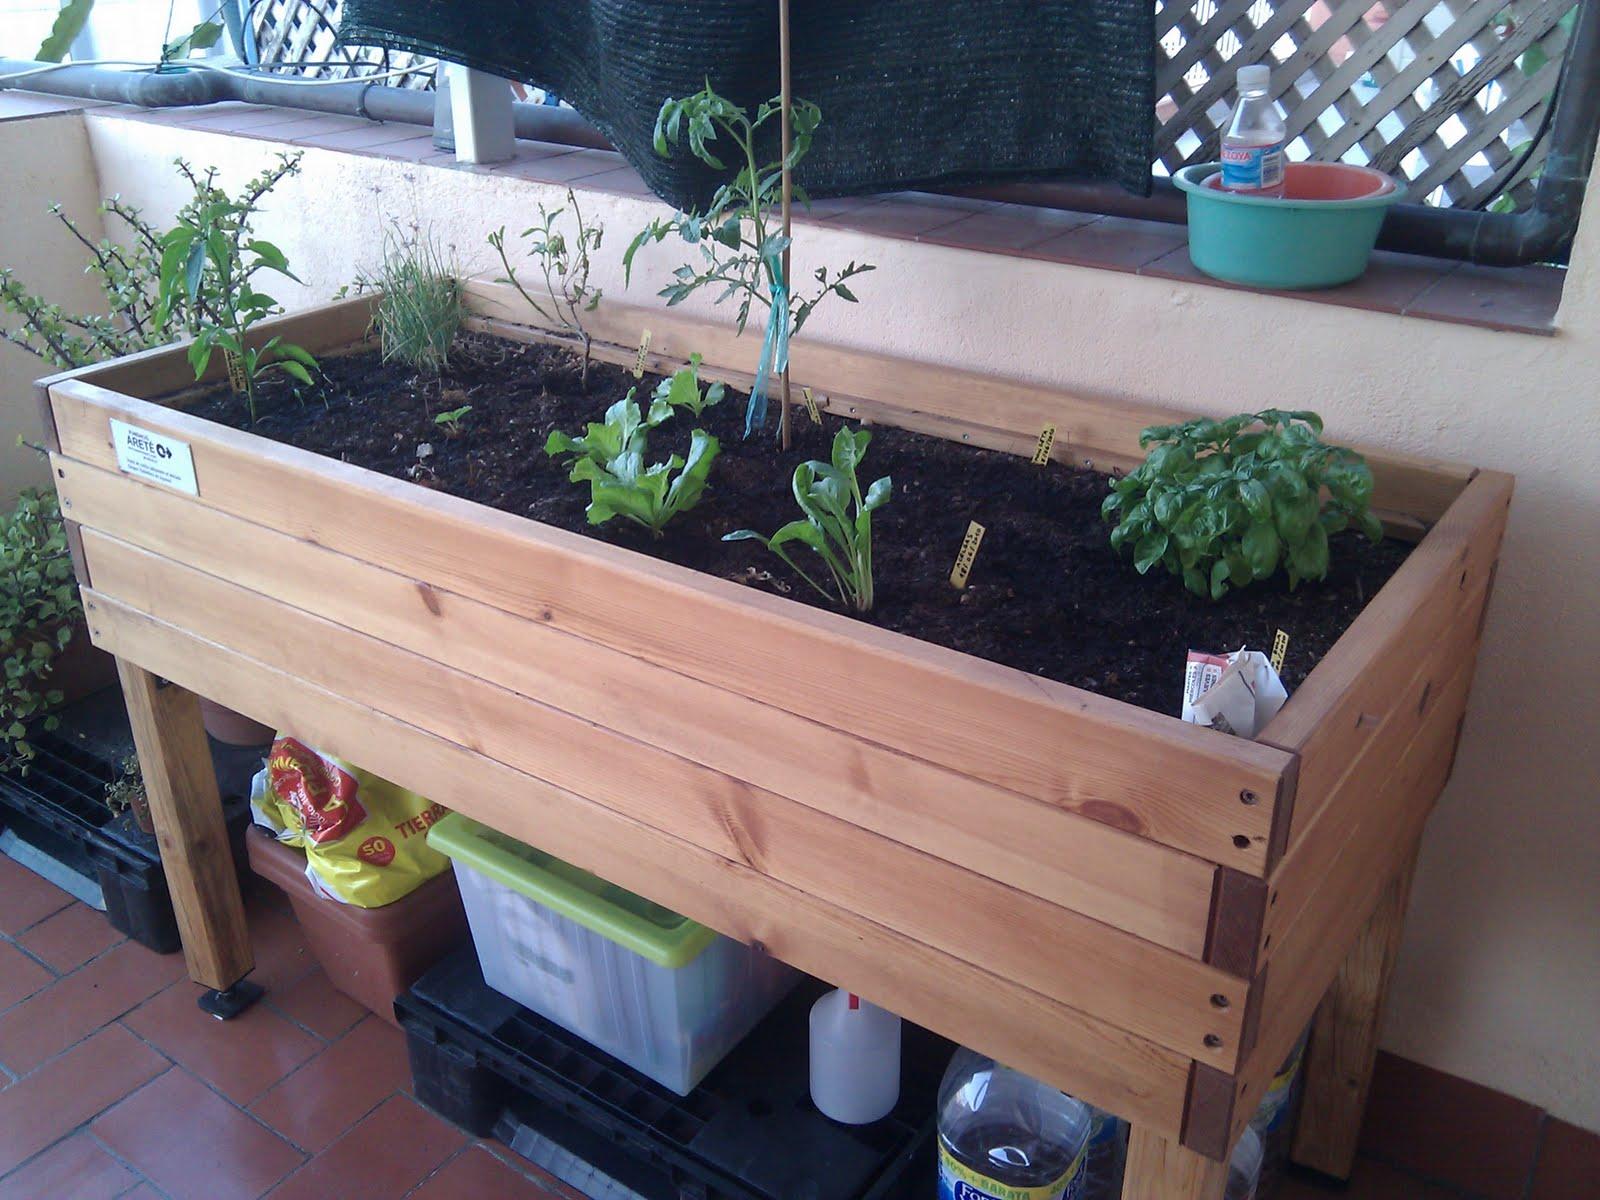 Ya me he plantado la mesa de cultivo - Mesa de cultivo ...